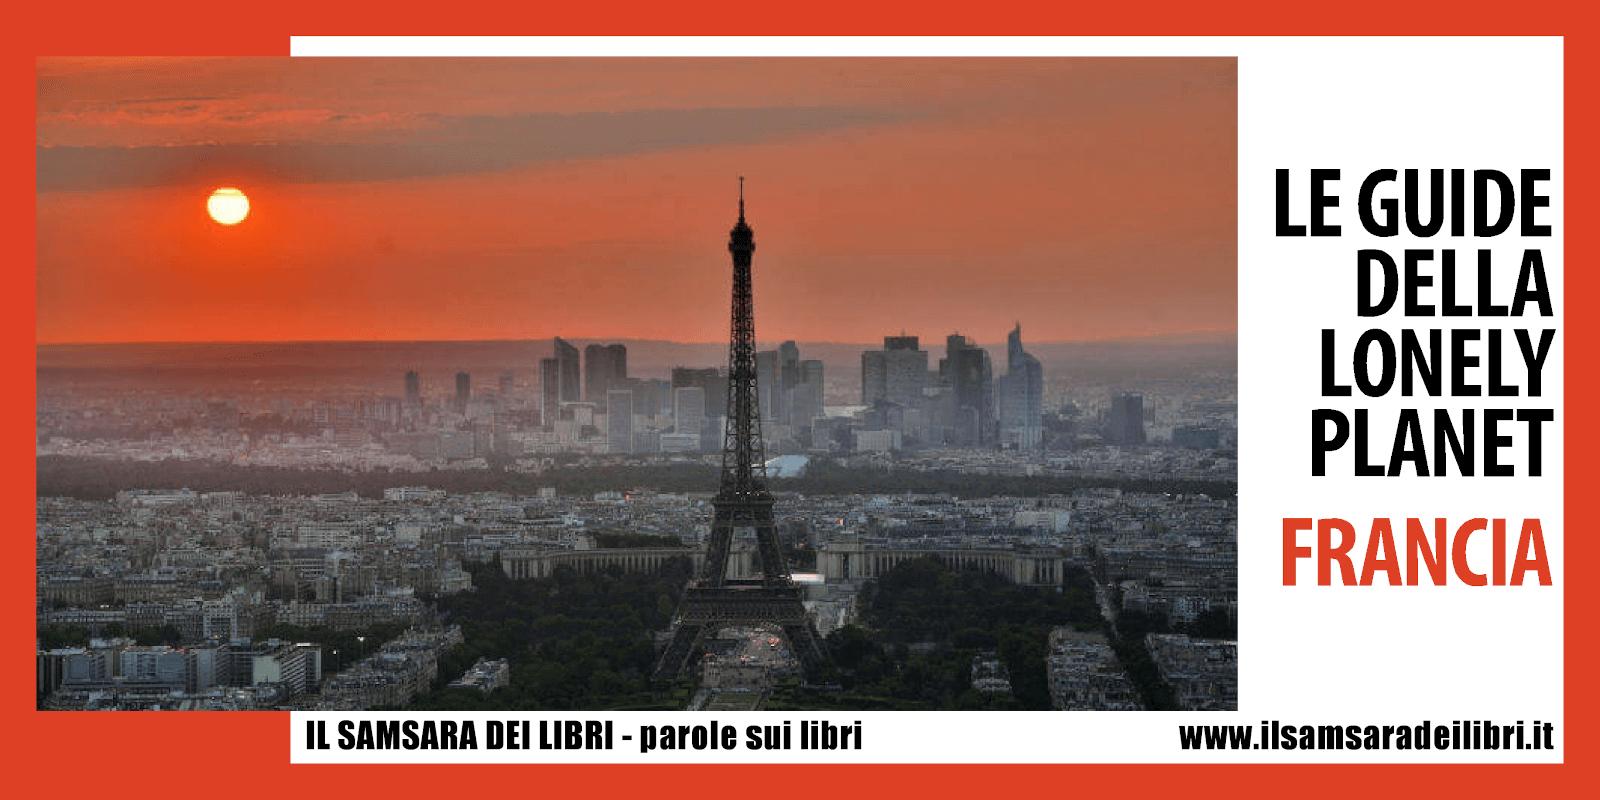 Immagine dellla copertina dedicata alle Guide della Lonely Planet di Francia